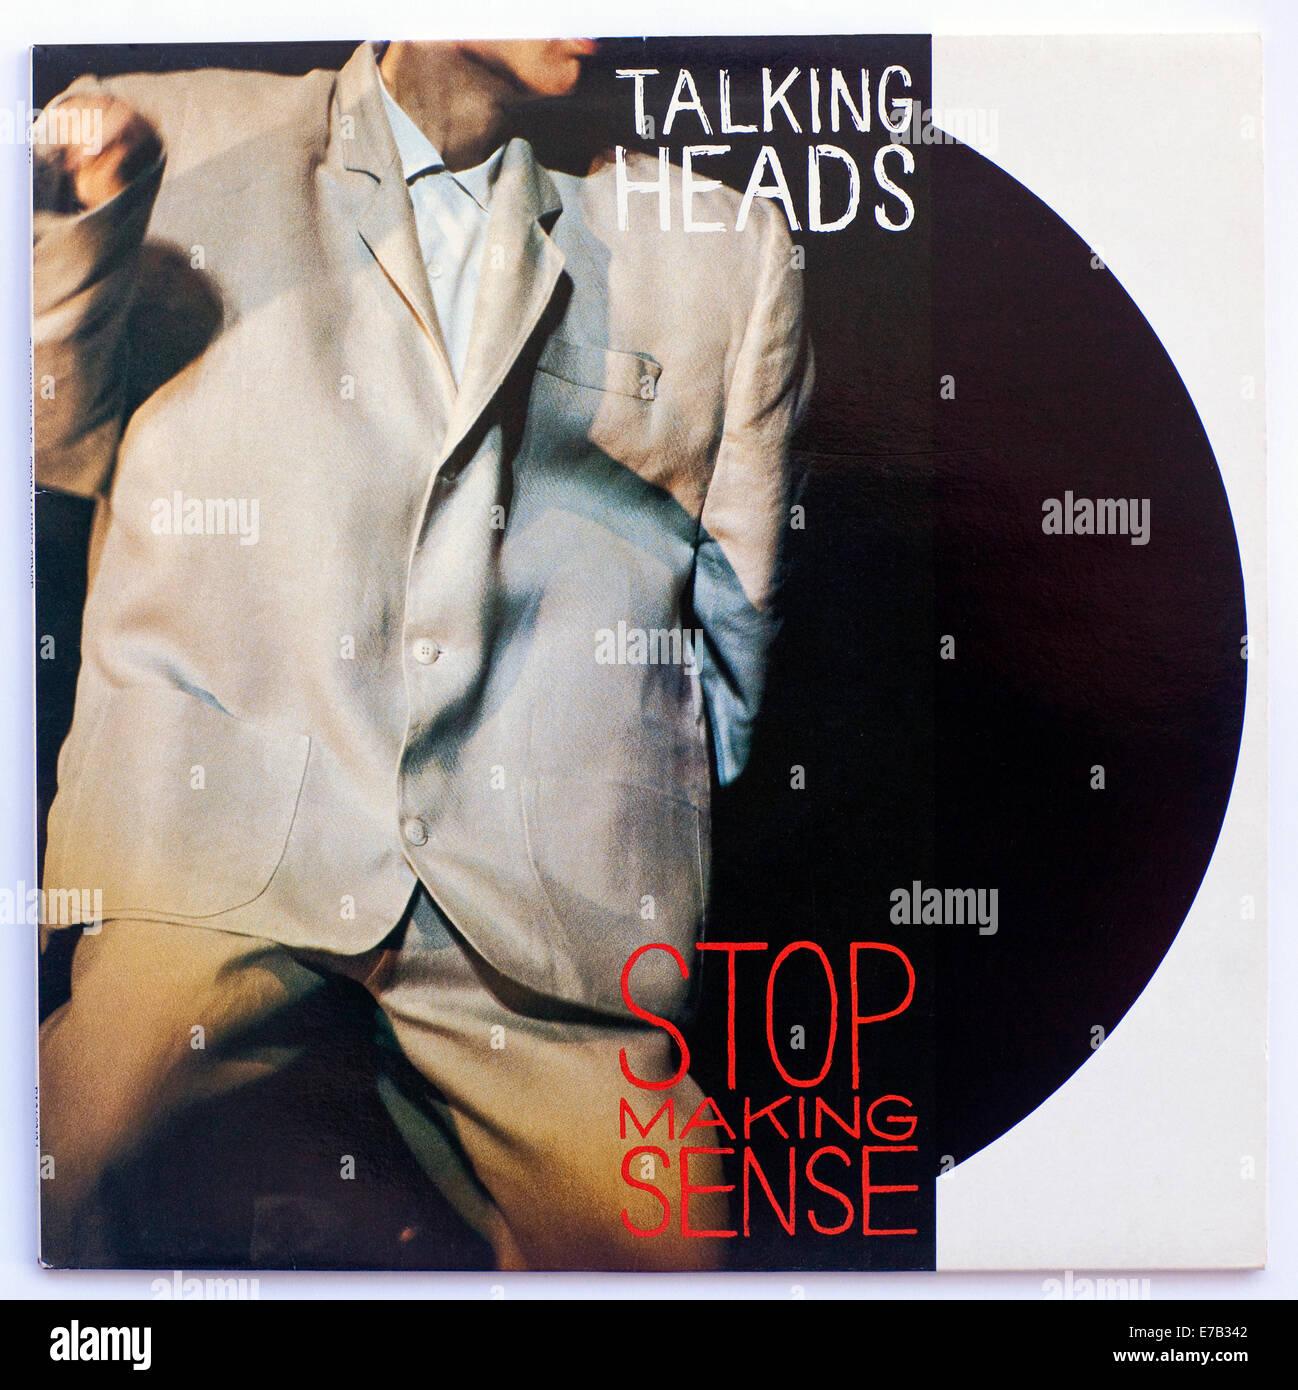 Teste parlanti - smettere di fare senso 1984 colonna sonora del film copertina album Immagini Stock